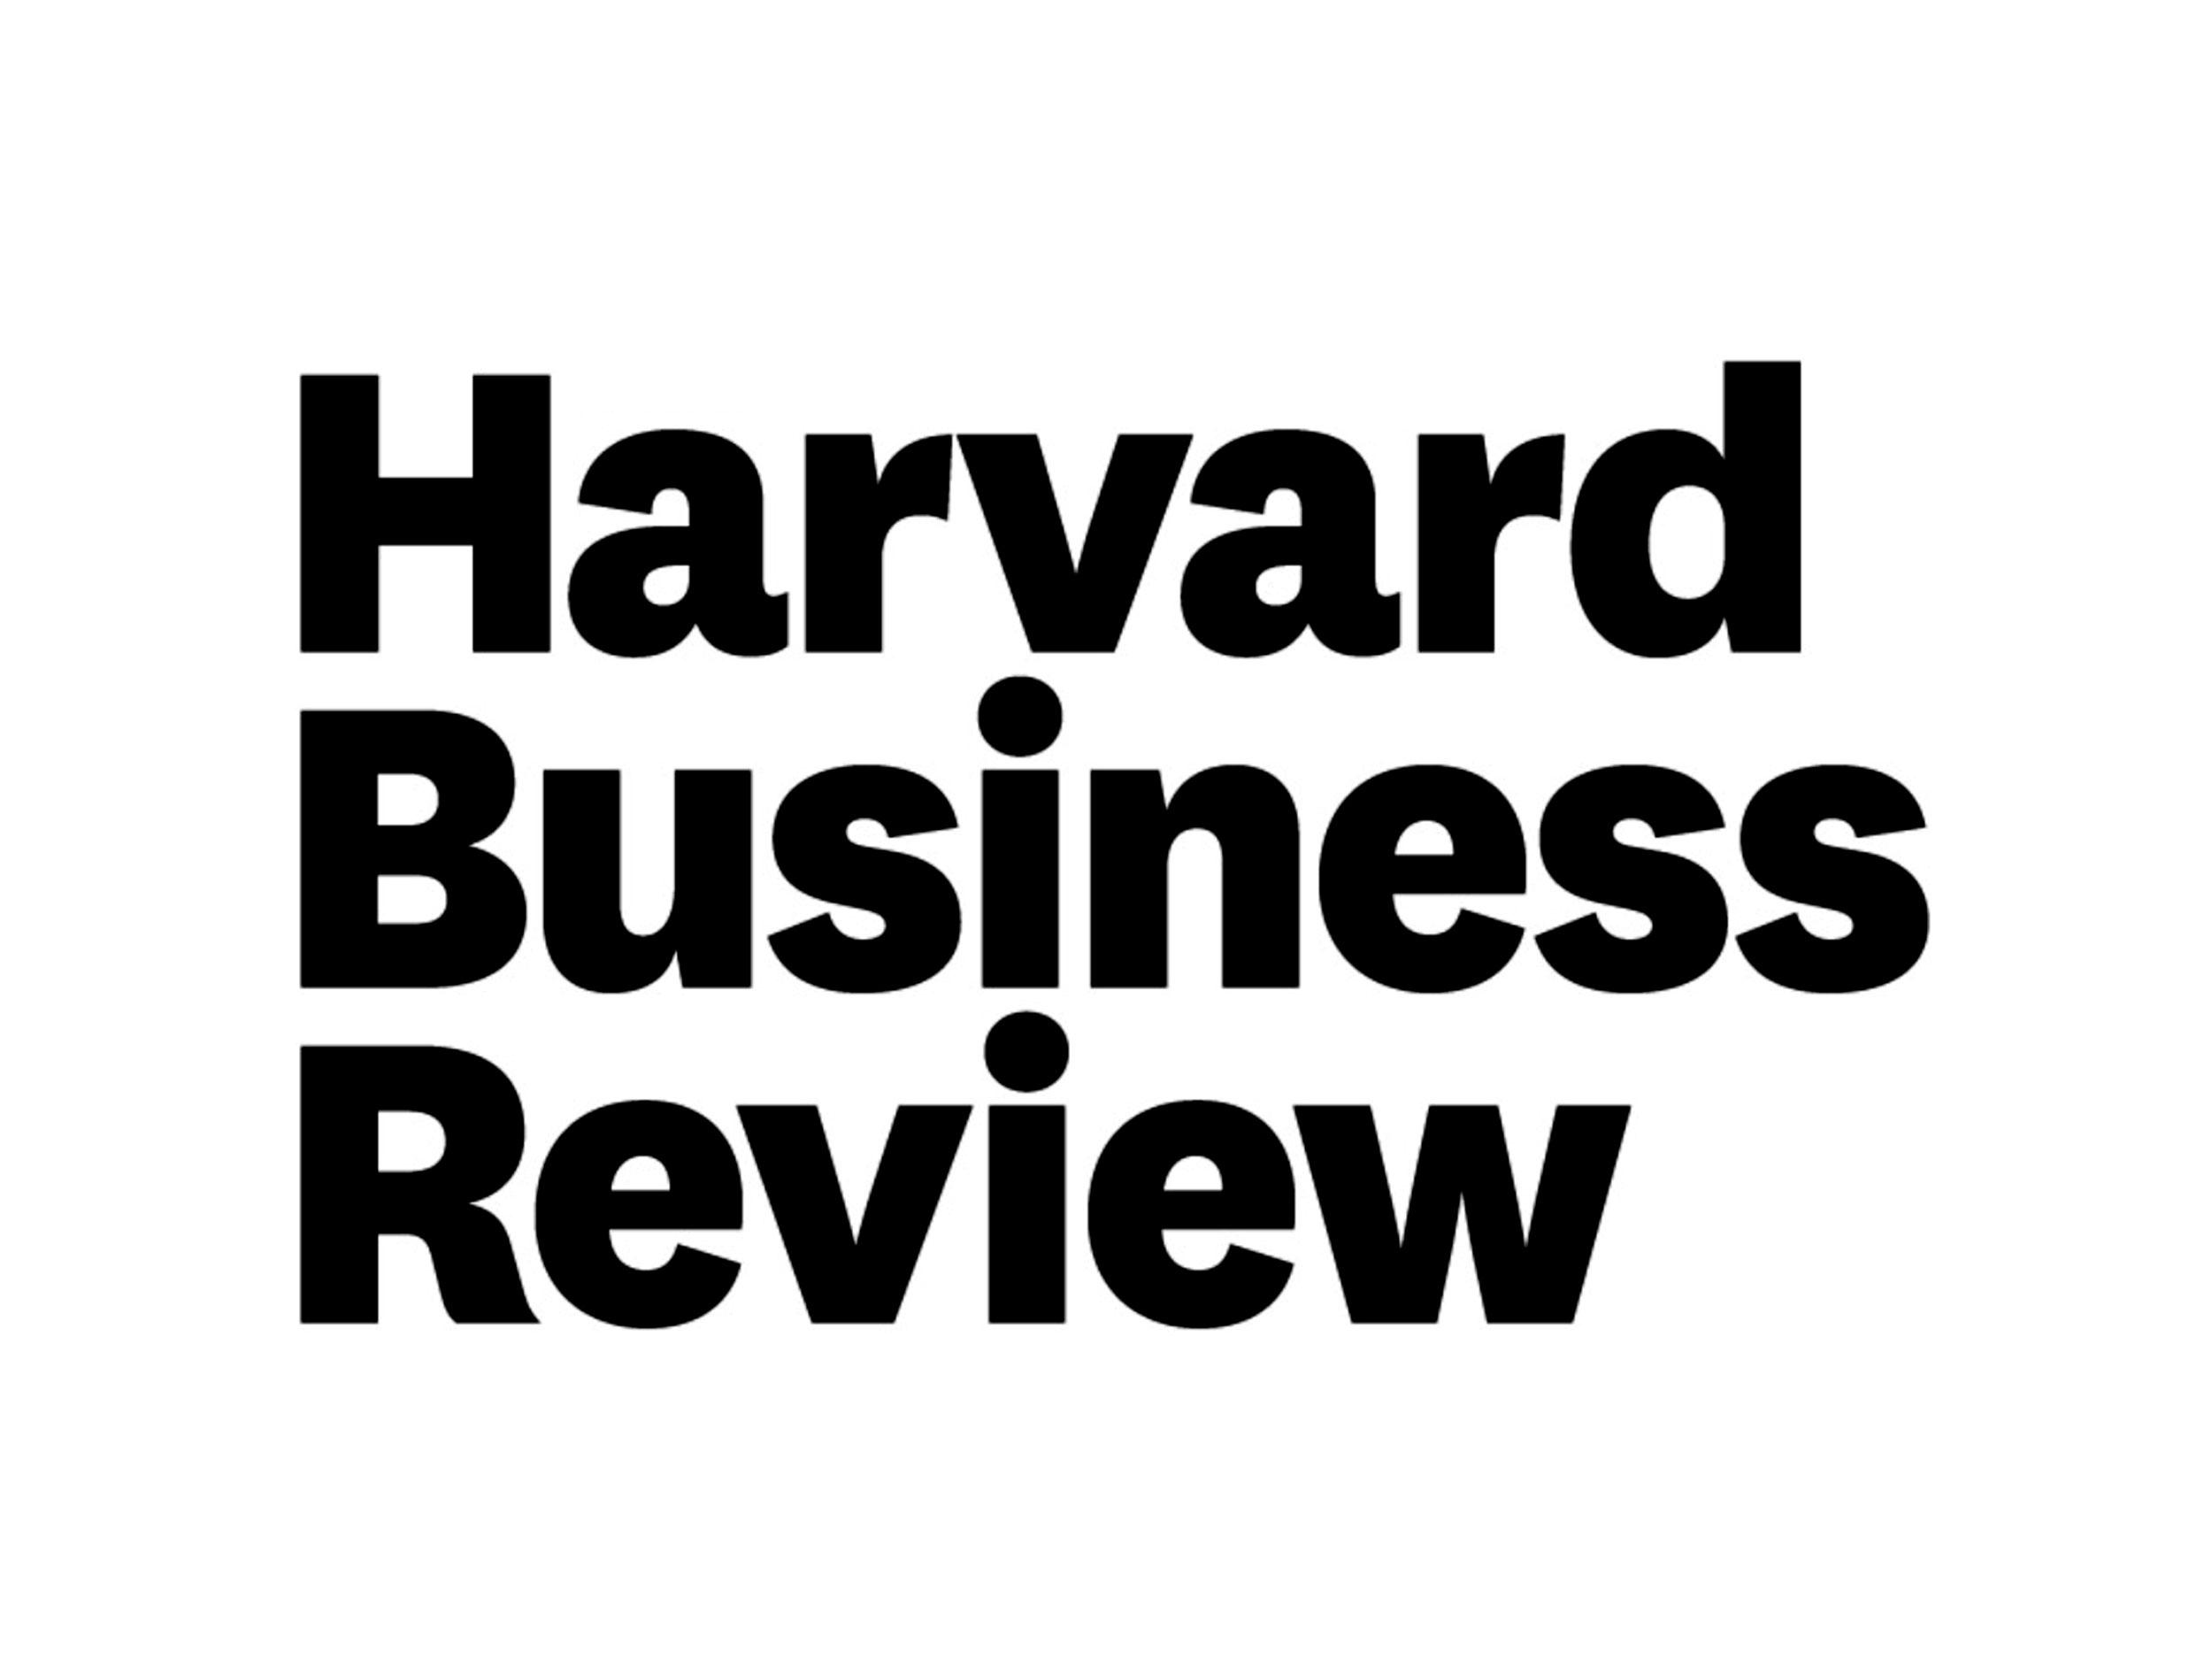 Harvard-Business-Review.jpg